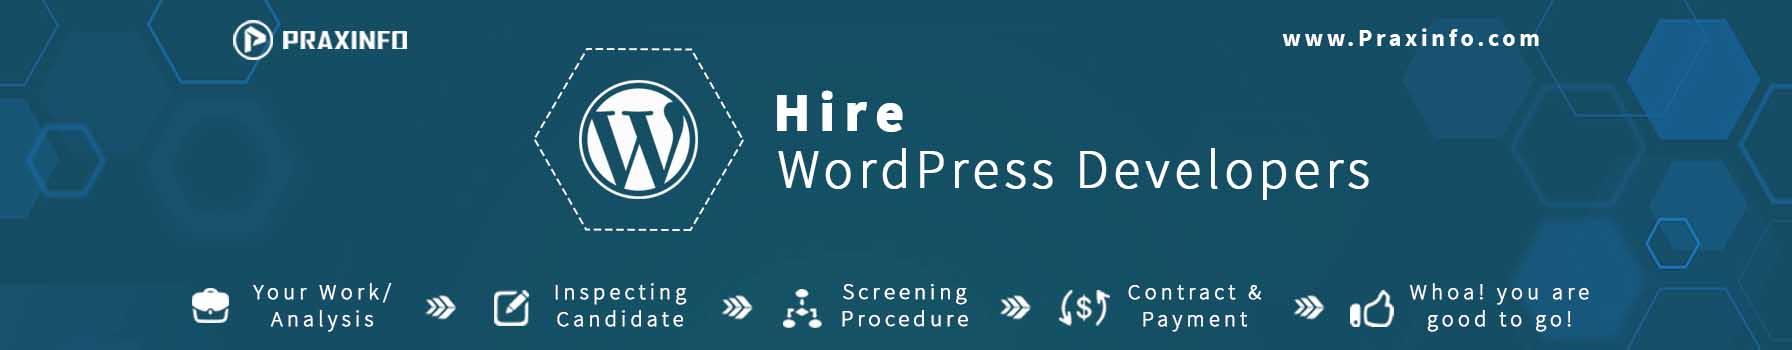 WordPress-developer-banner.jpg